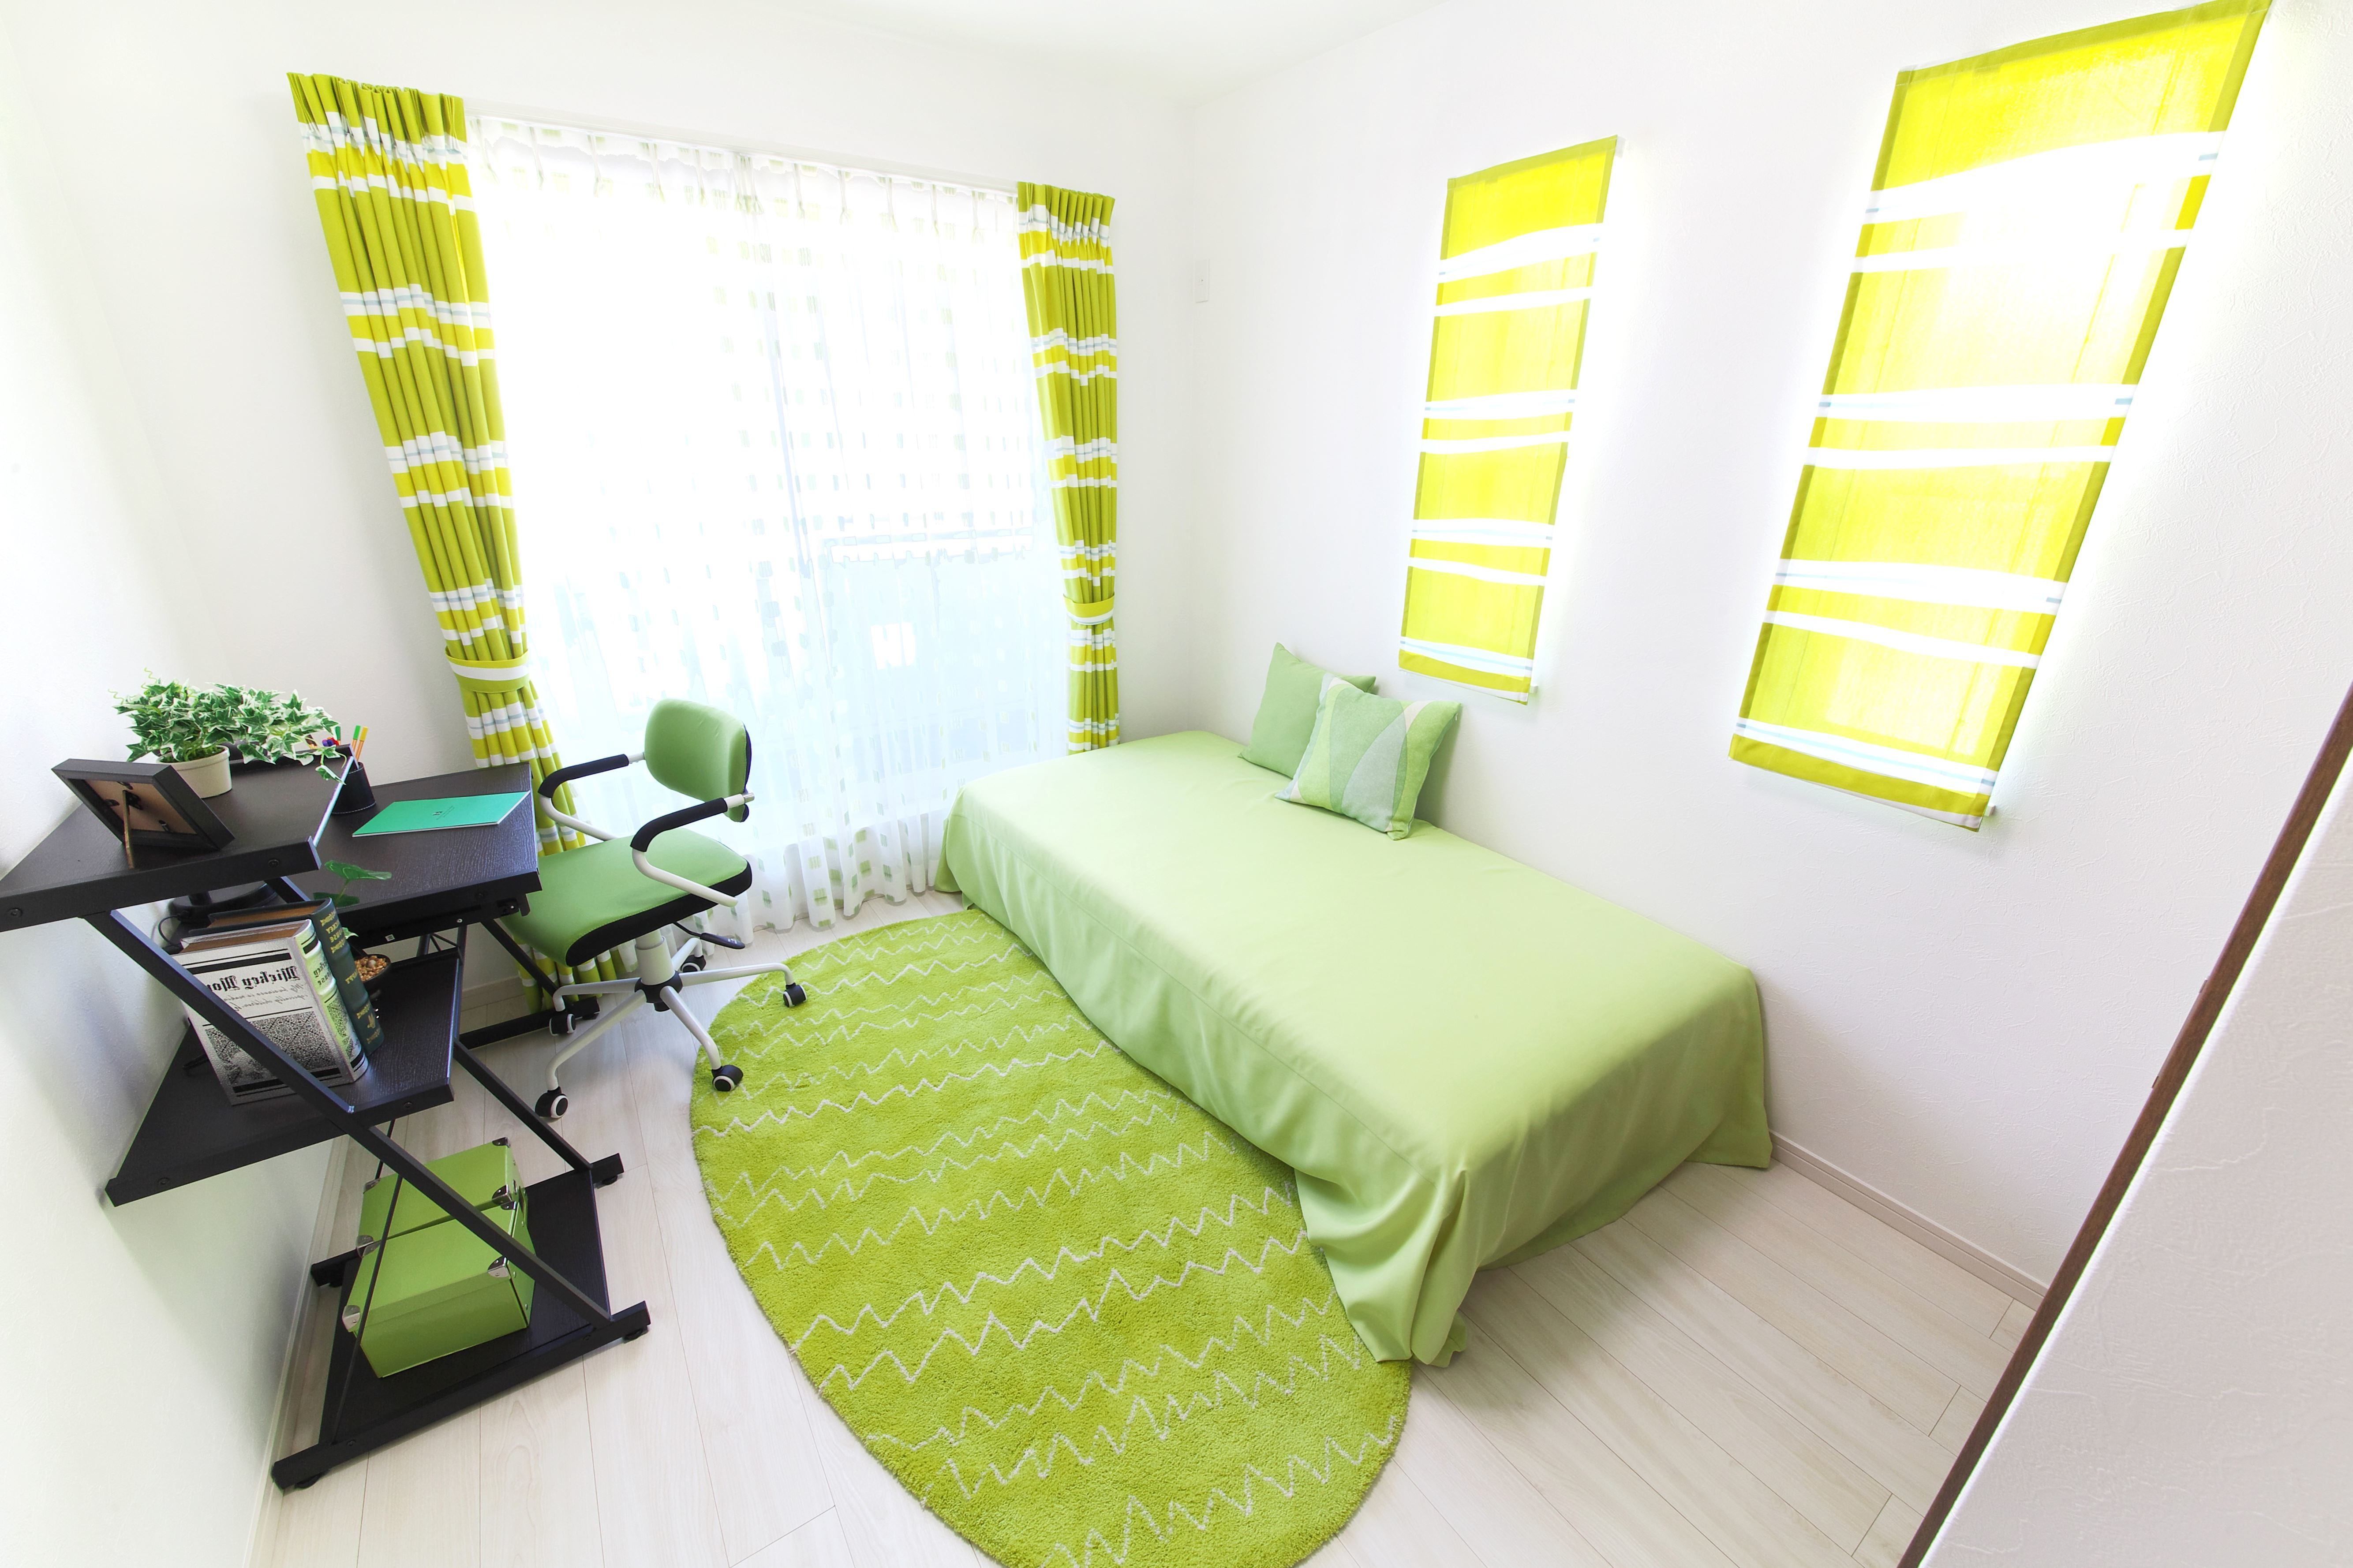 Kostenlose Bild: Wohnung, Bett, Fenster, Design, Lampe, Luxus ...